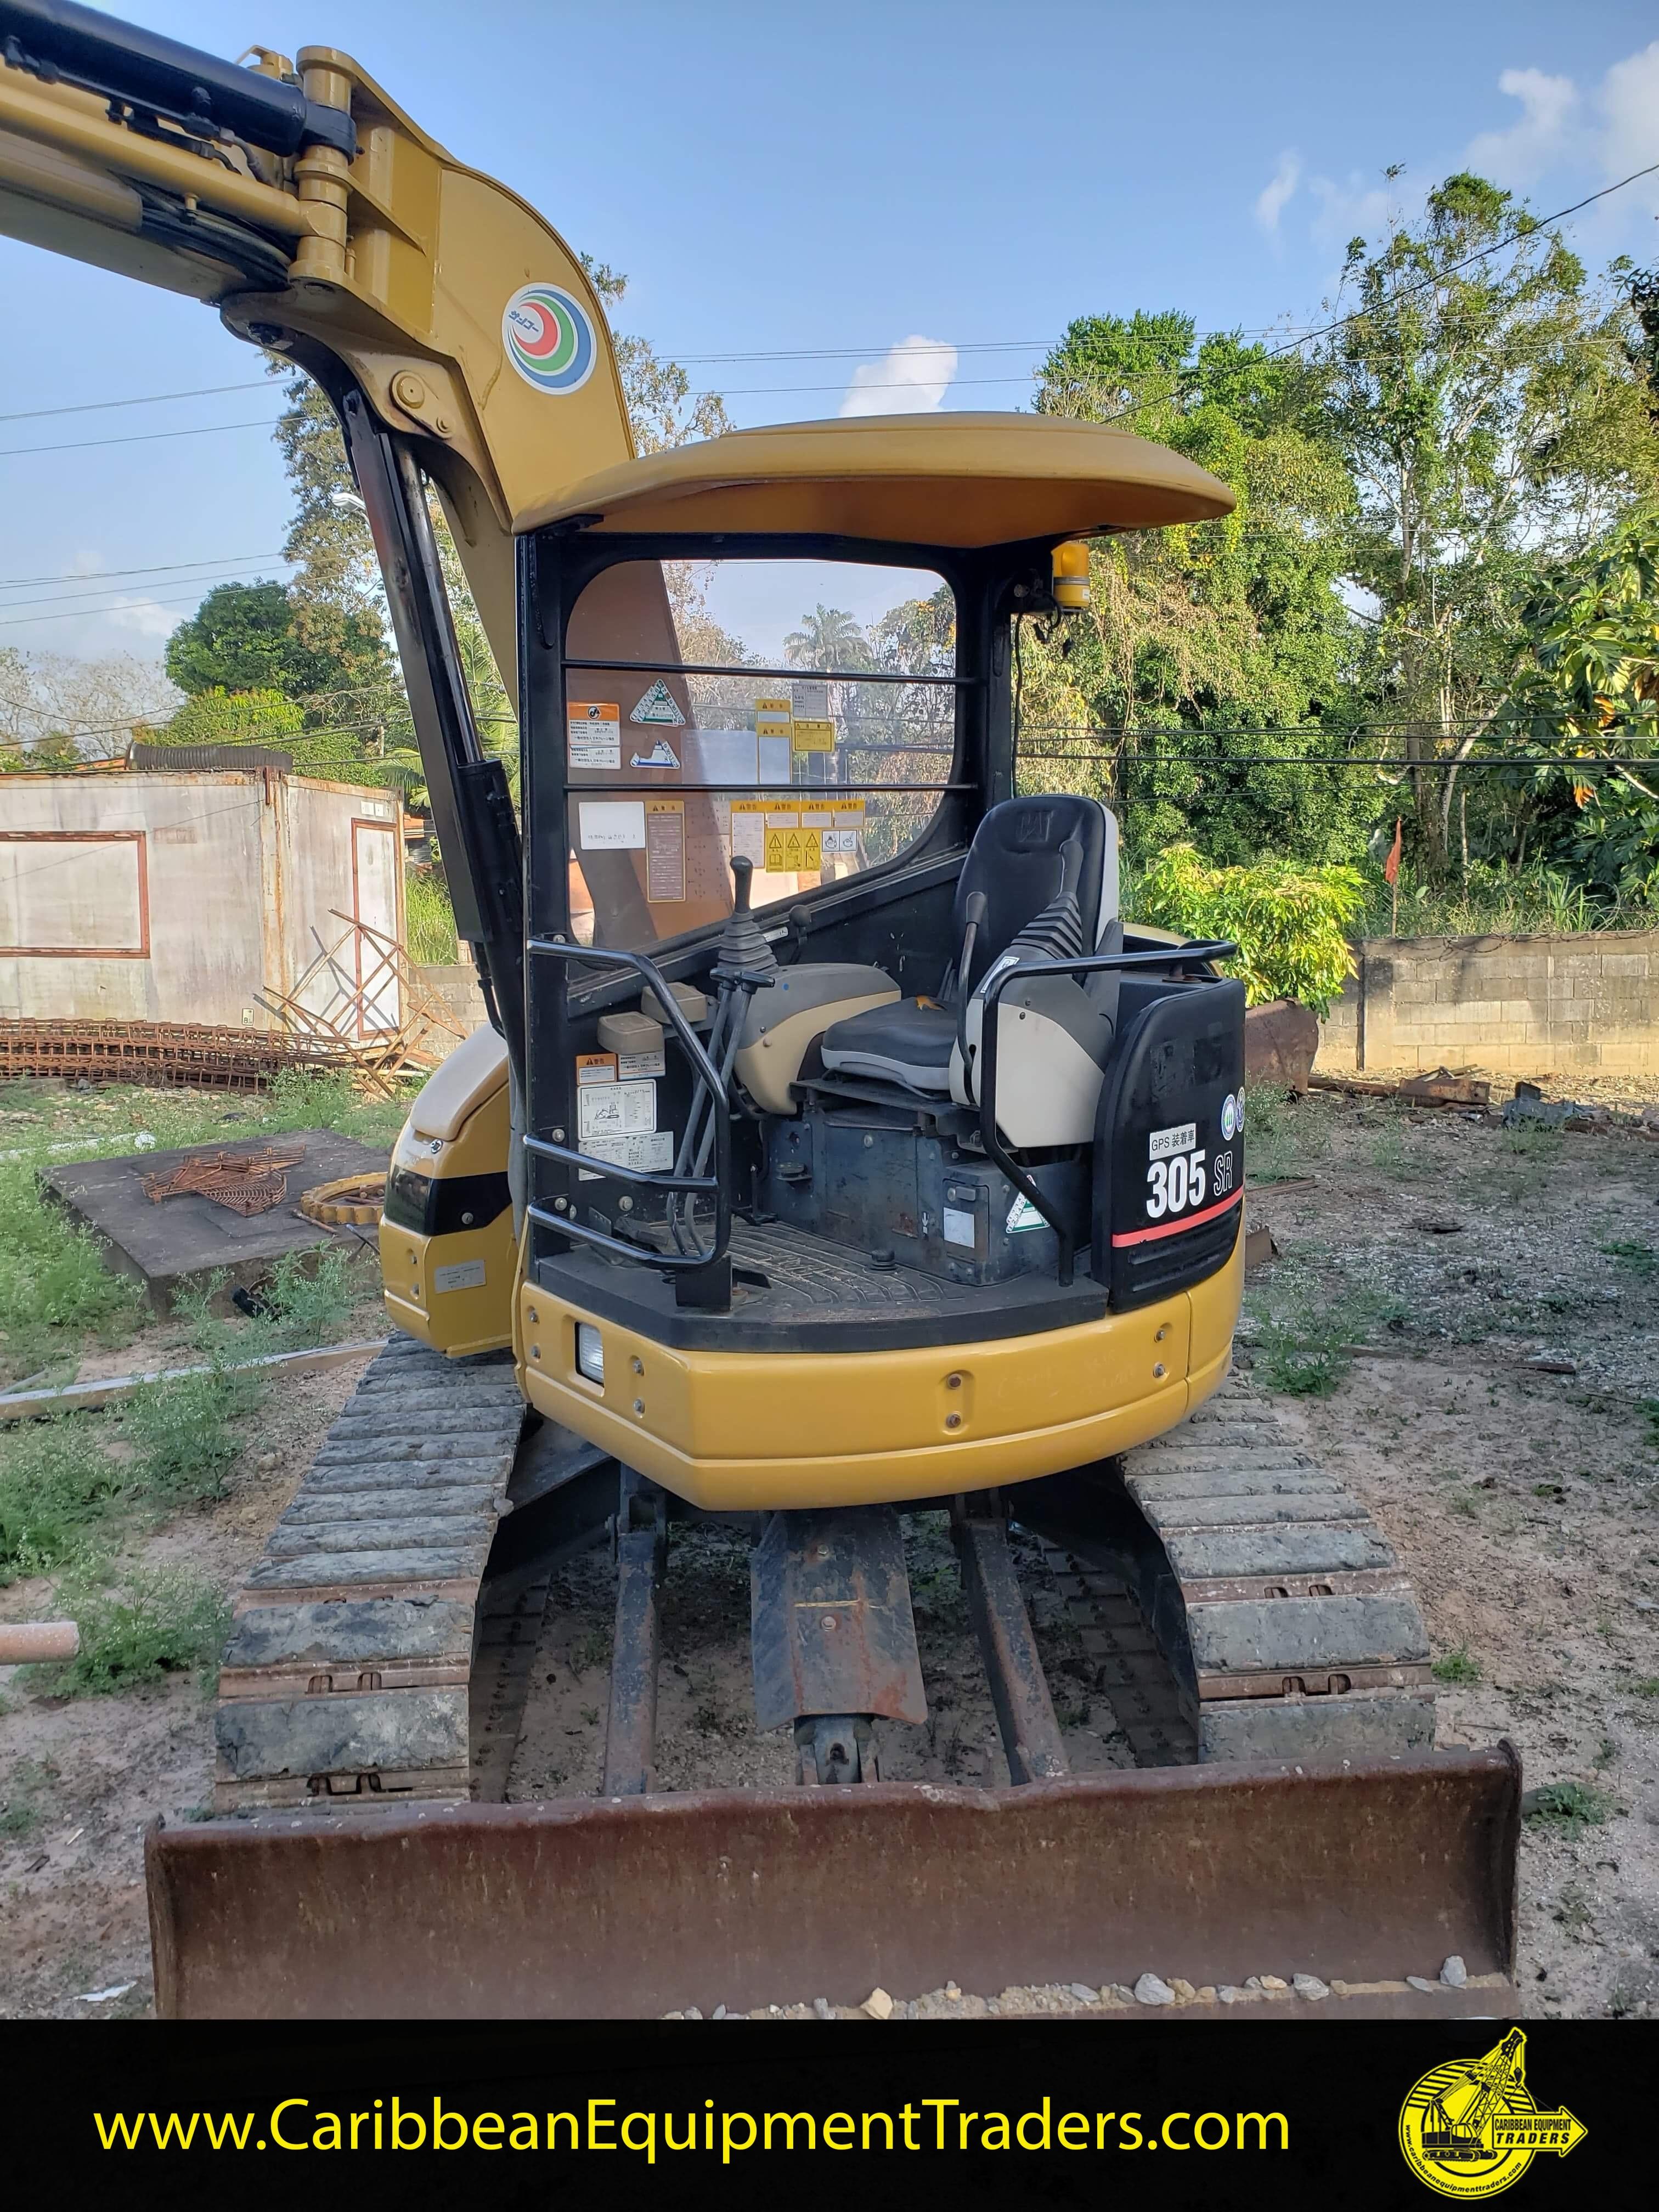 Mini Cat 305 Excavator Caribbean Equipment Online